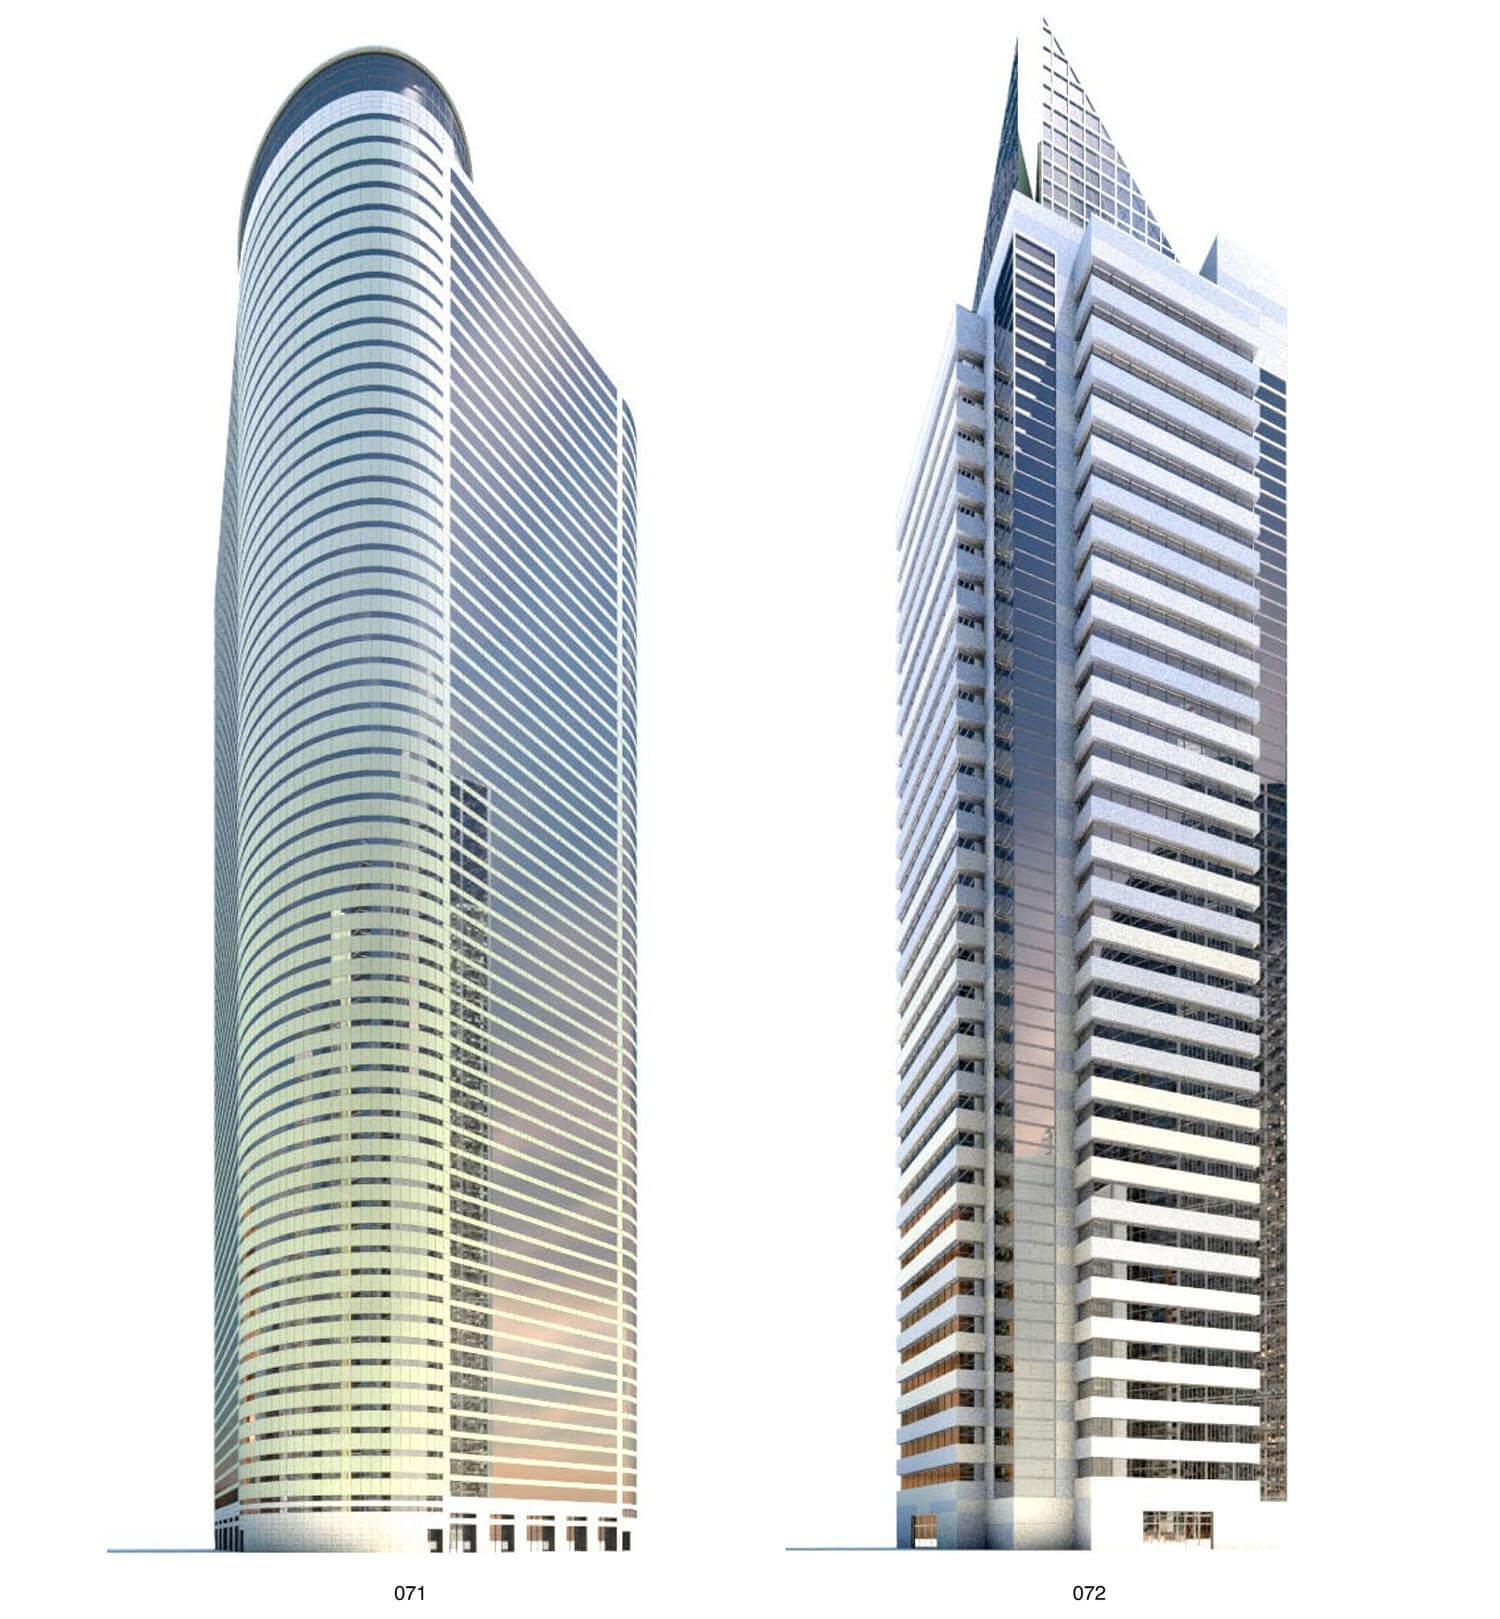 Hai tòa nhà kiểu hiện đại với tường sơn trắng với các mảng kính